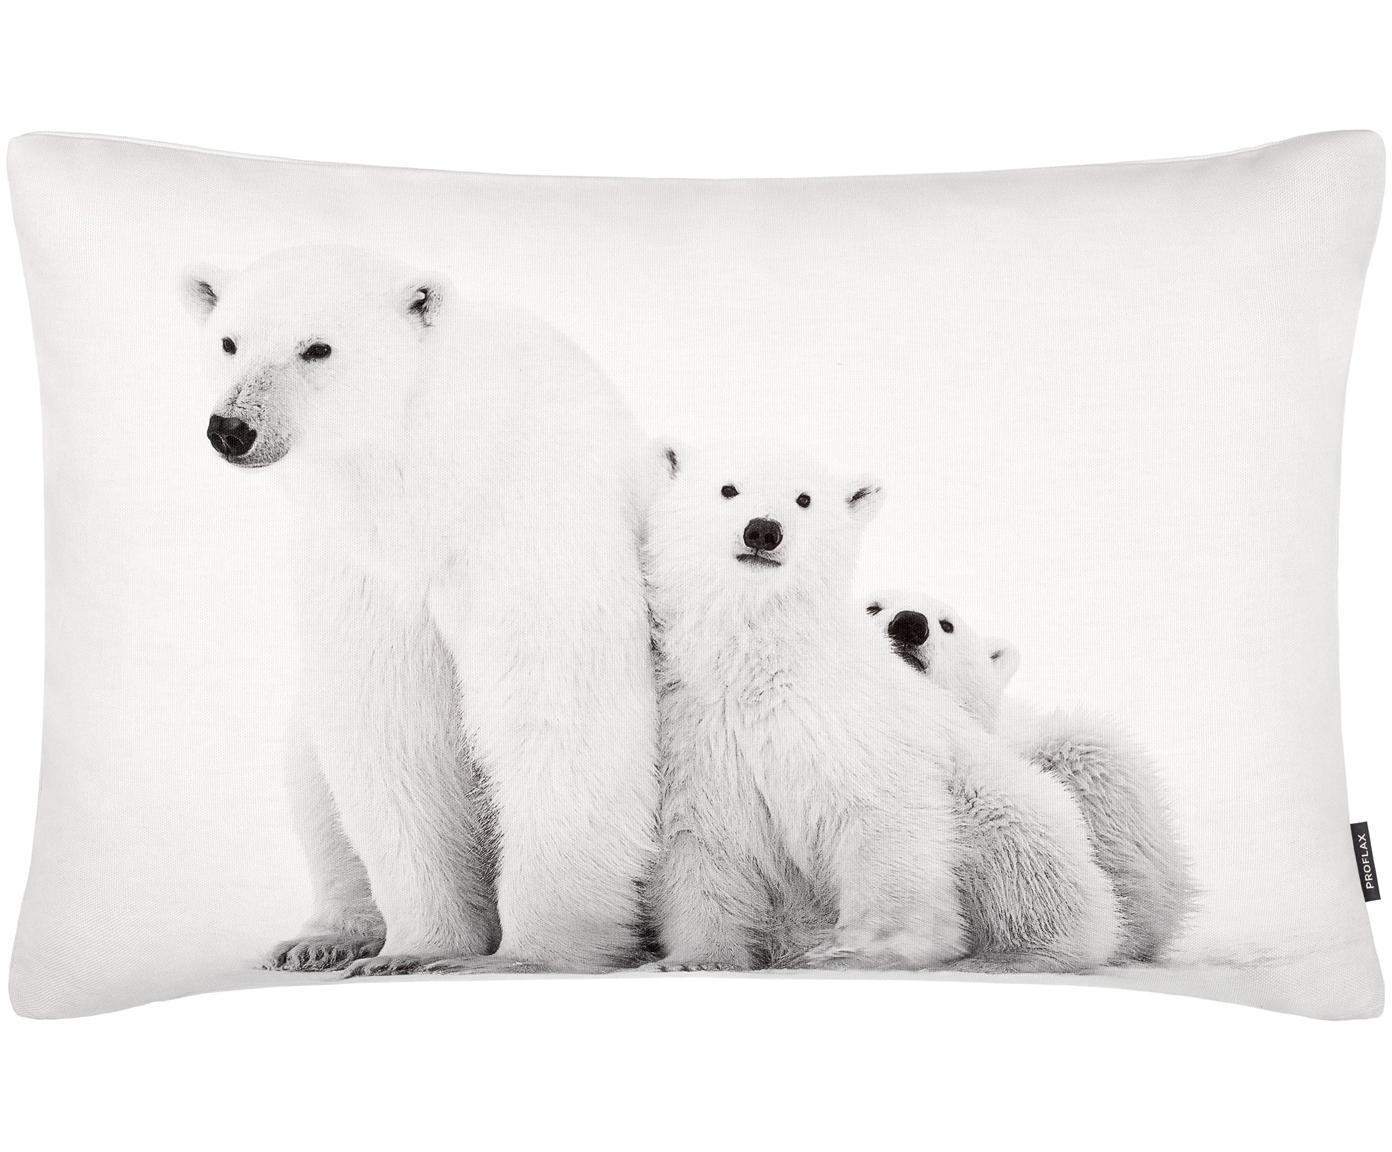 Kussenhoes Cool met winters motief, Katoen, Wit, grijstinten, 40 x 60 cm